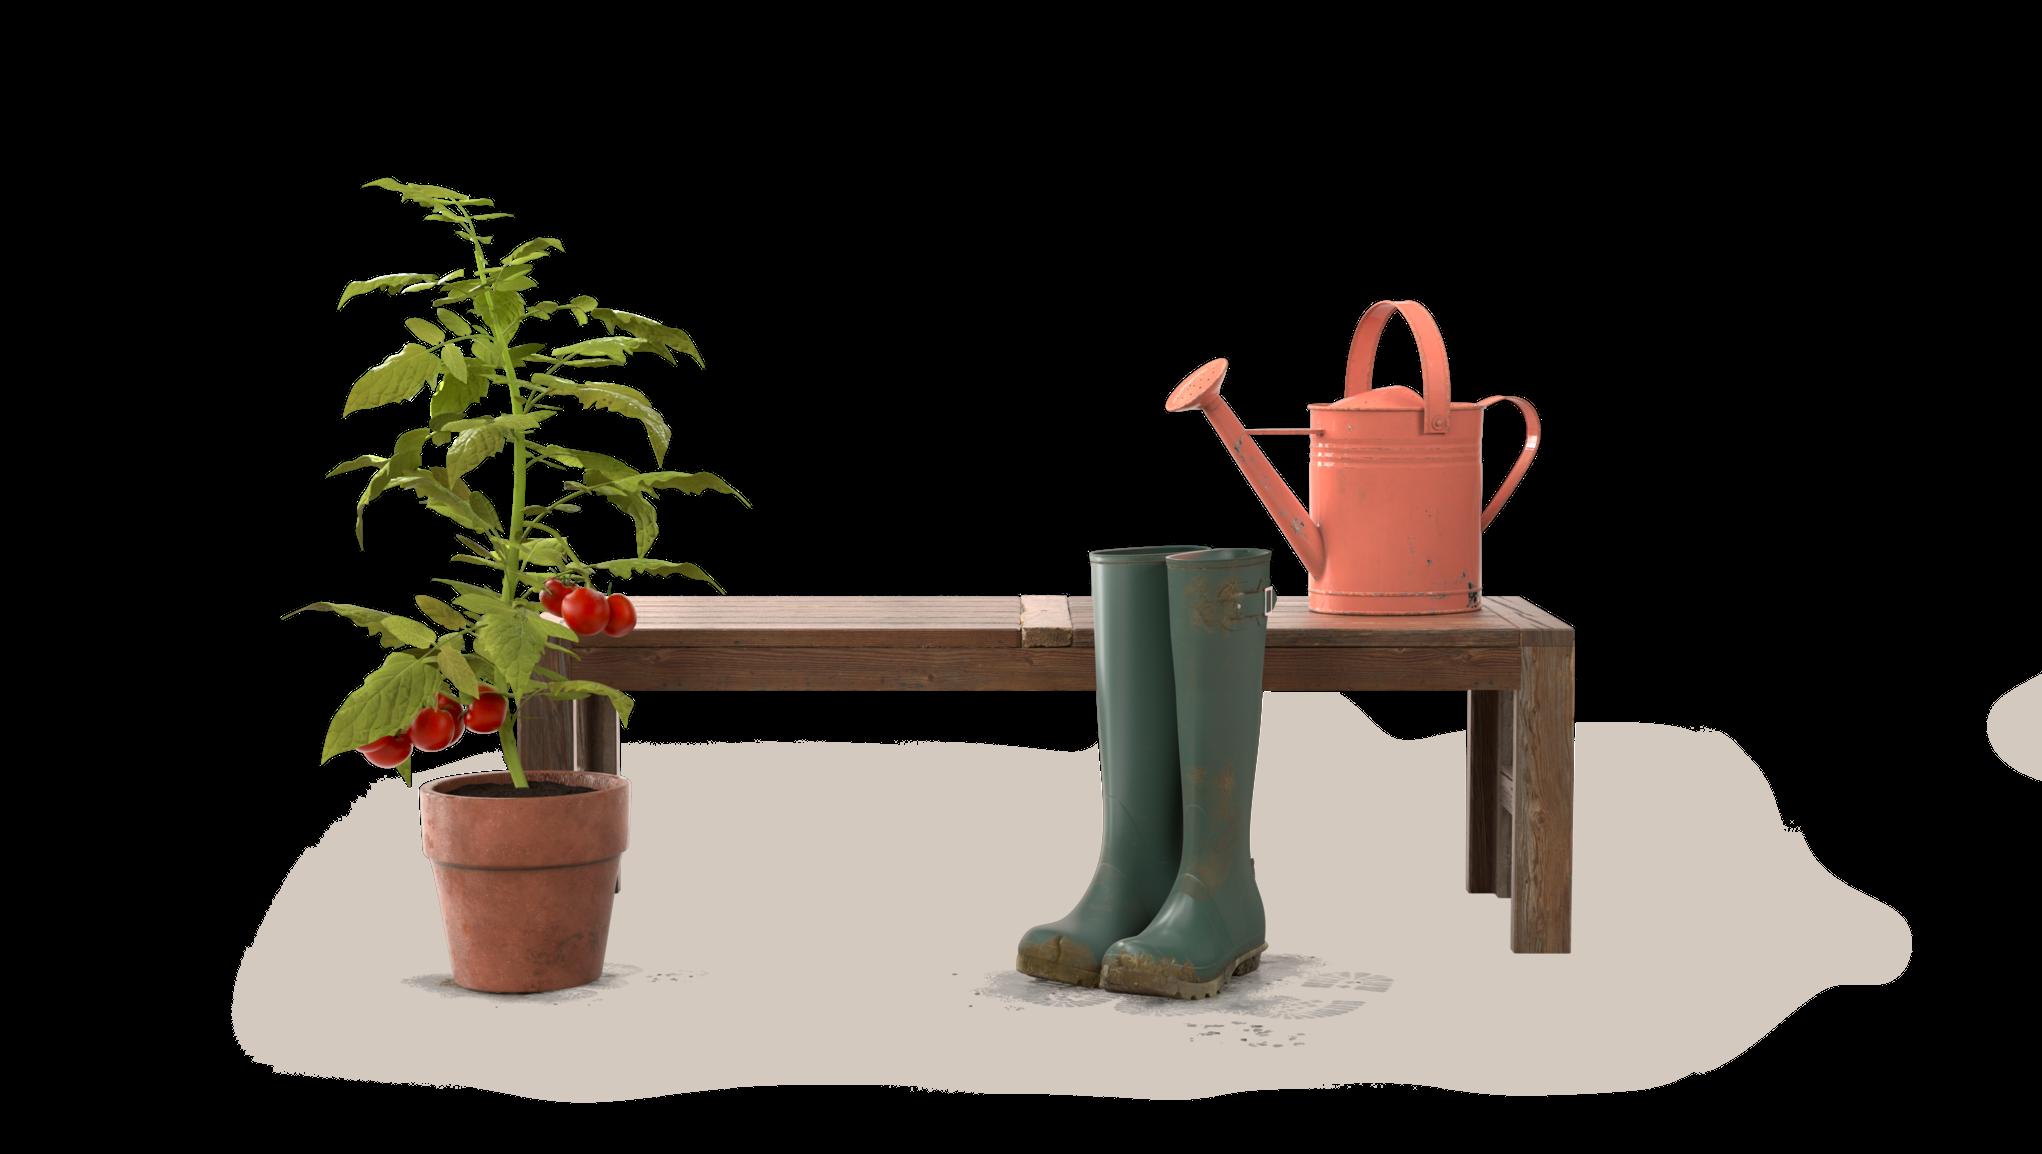 Redskap för trädgårdsarbete